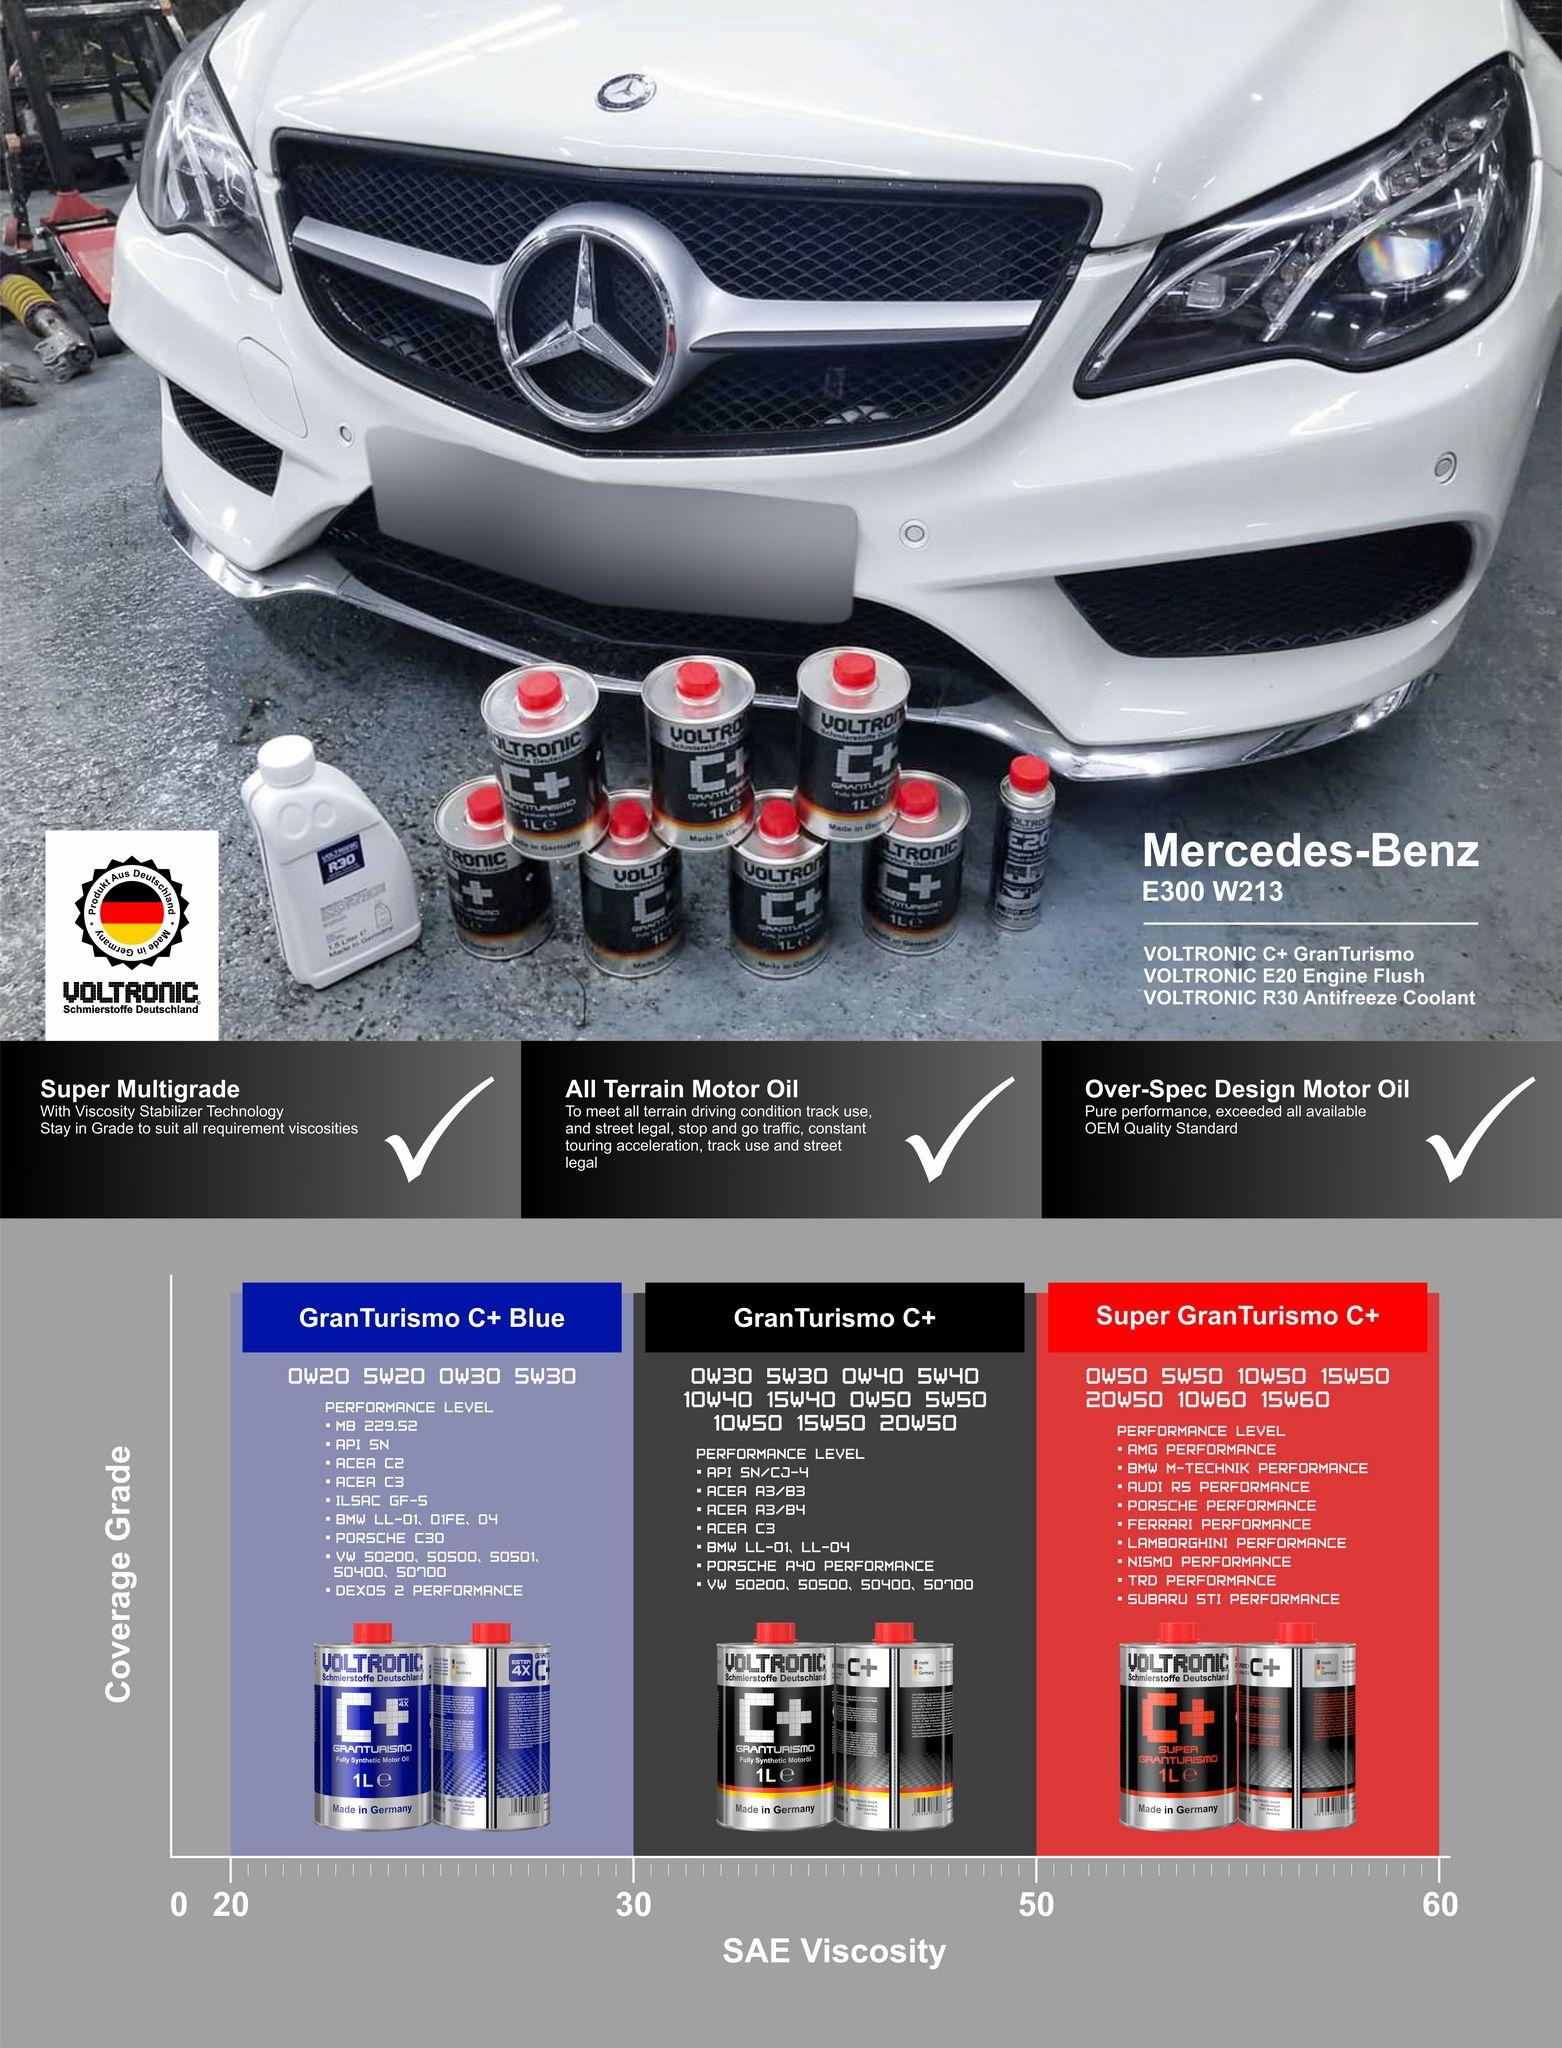 Voltronic C Granturismo Motor Oil Voltronic R30 Antifreeze Coolant Voltronic E20 Engine Flush Mercedes Benz Benz Mercedes